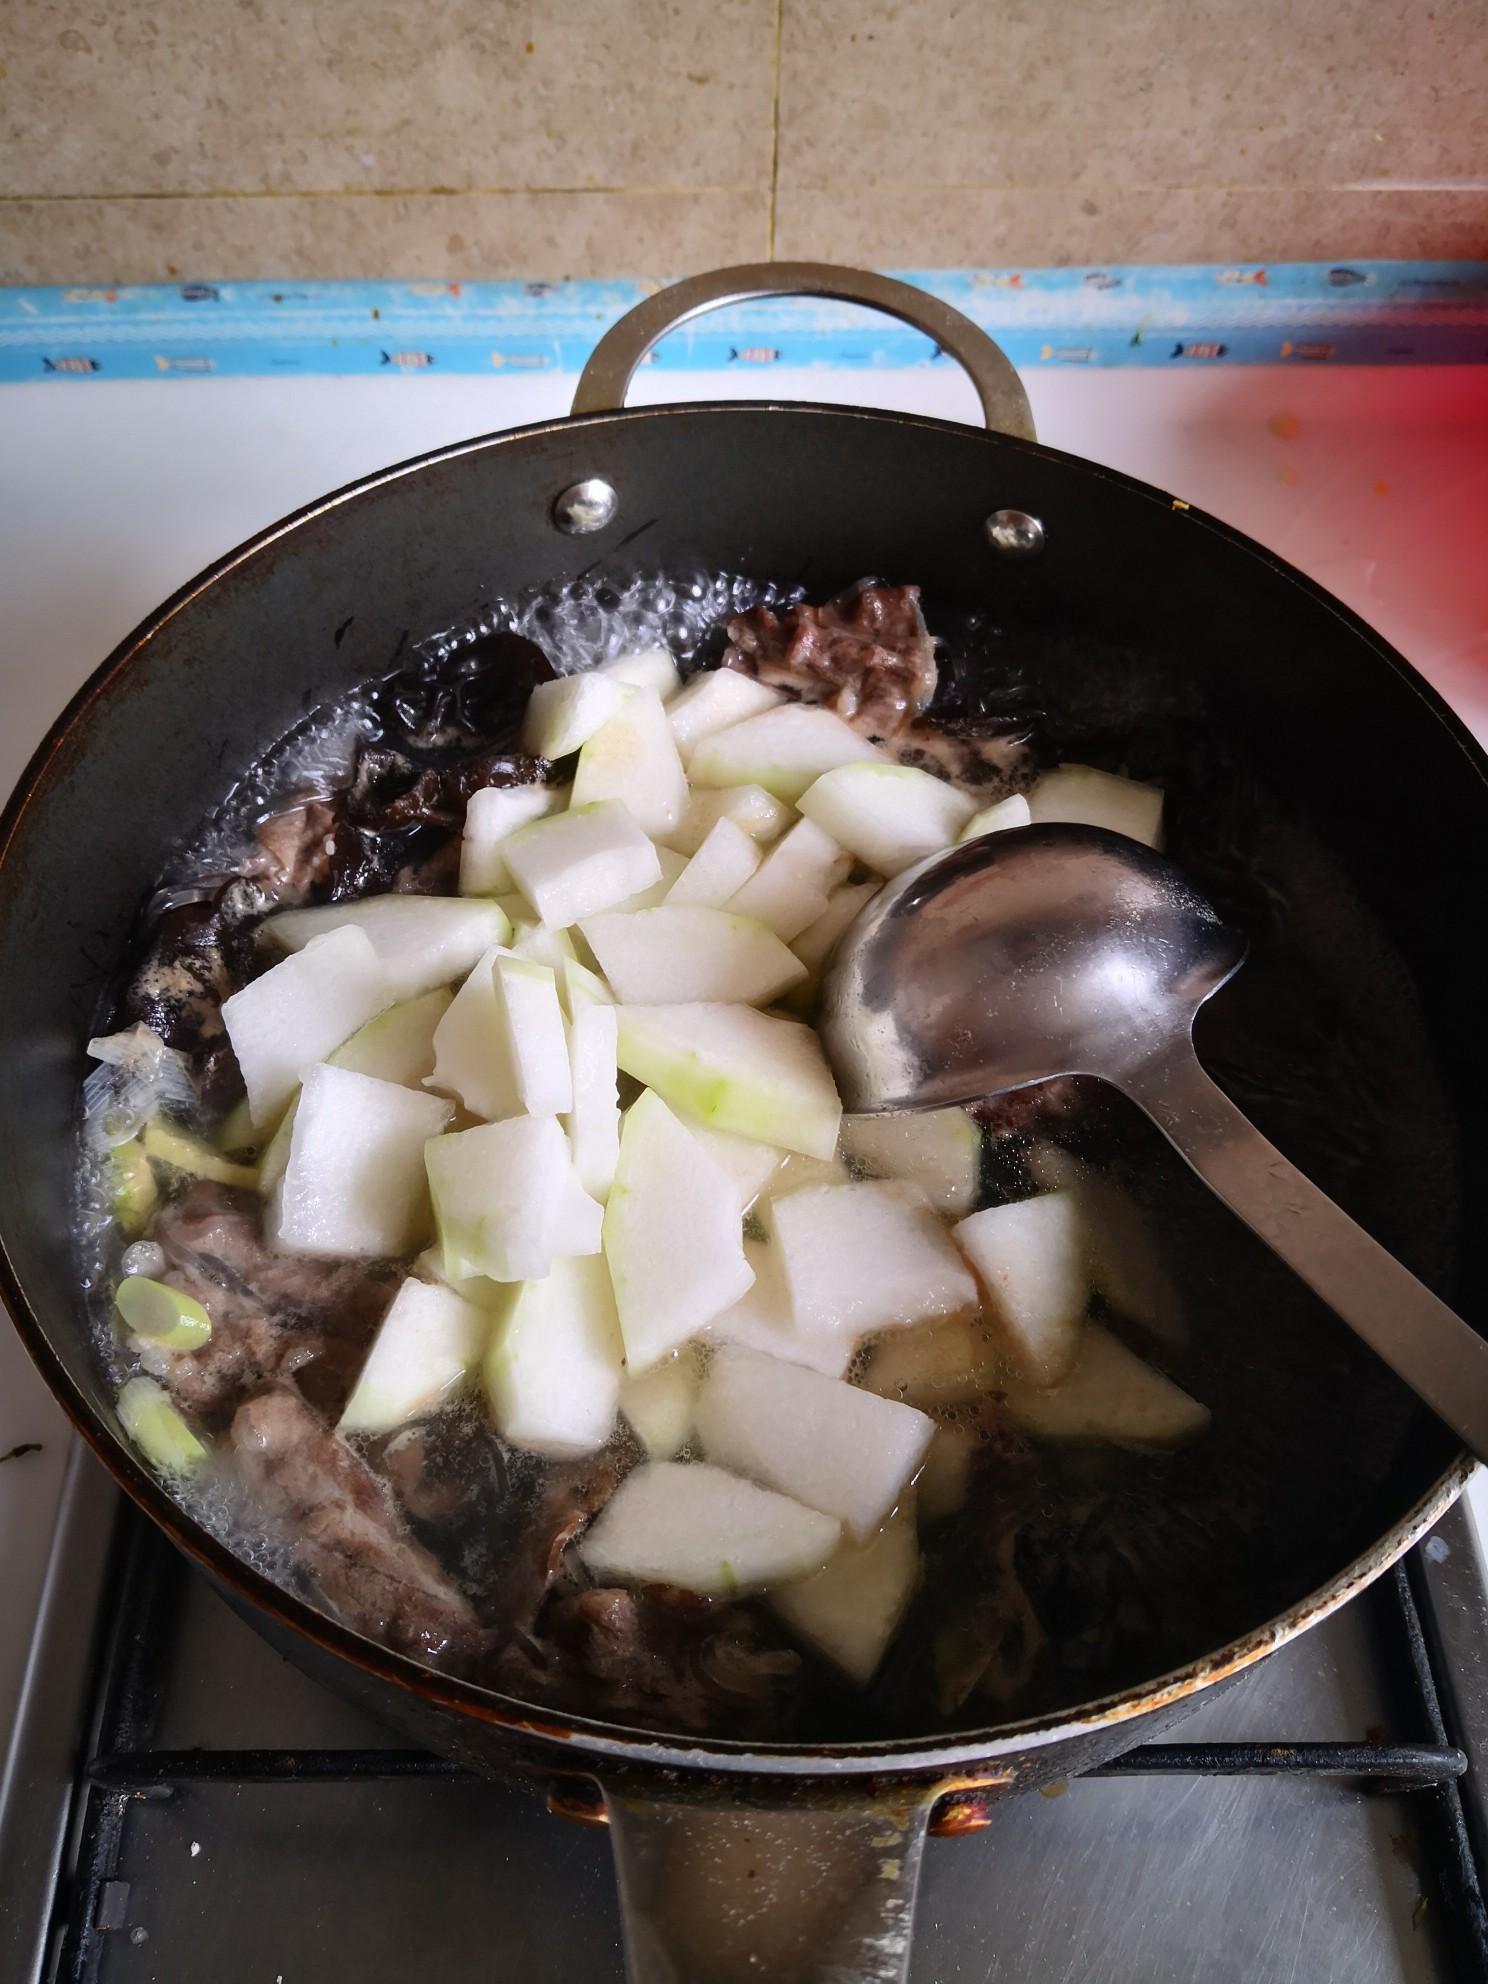 冬瓜粉条木耳汤的简单做法